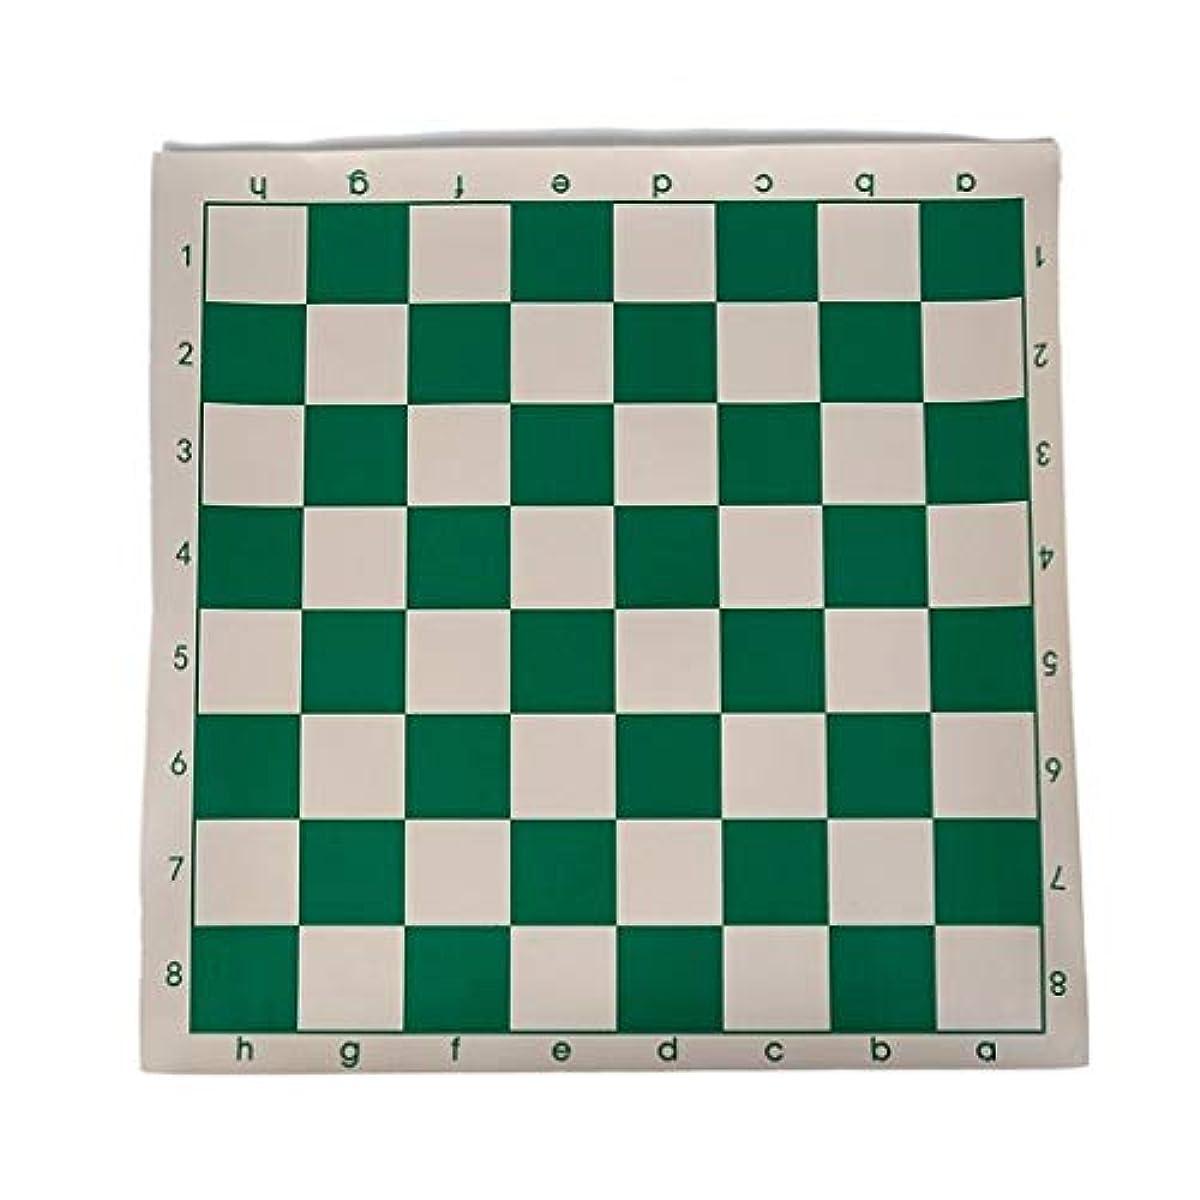 高品質おもちゃゲームチェス 1ピースビニールトーナメントチェスボード用子供教育ゲームグリーン&ホワイト磁気ボード用チェスチェッカー34.5センチ クリエイティブトラディショナルチェス (Color : Green White, サイズ : 34.5*34.5cm)